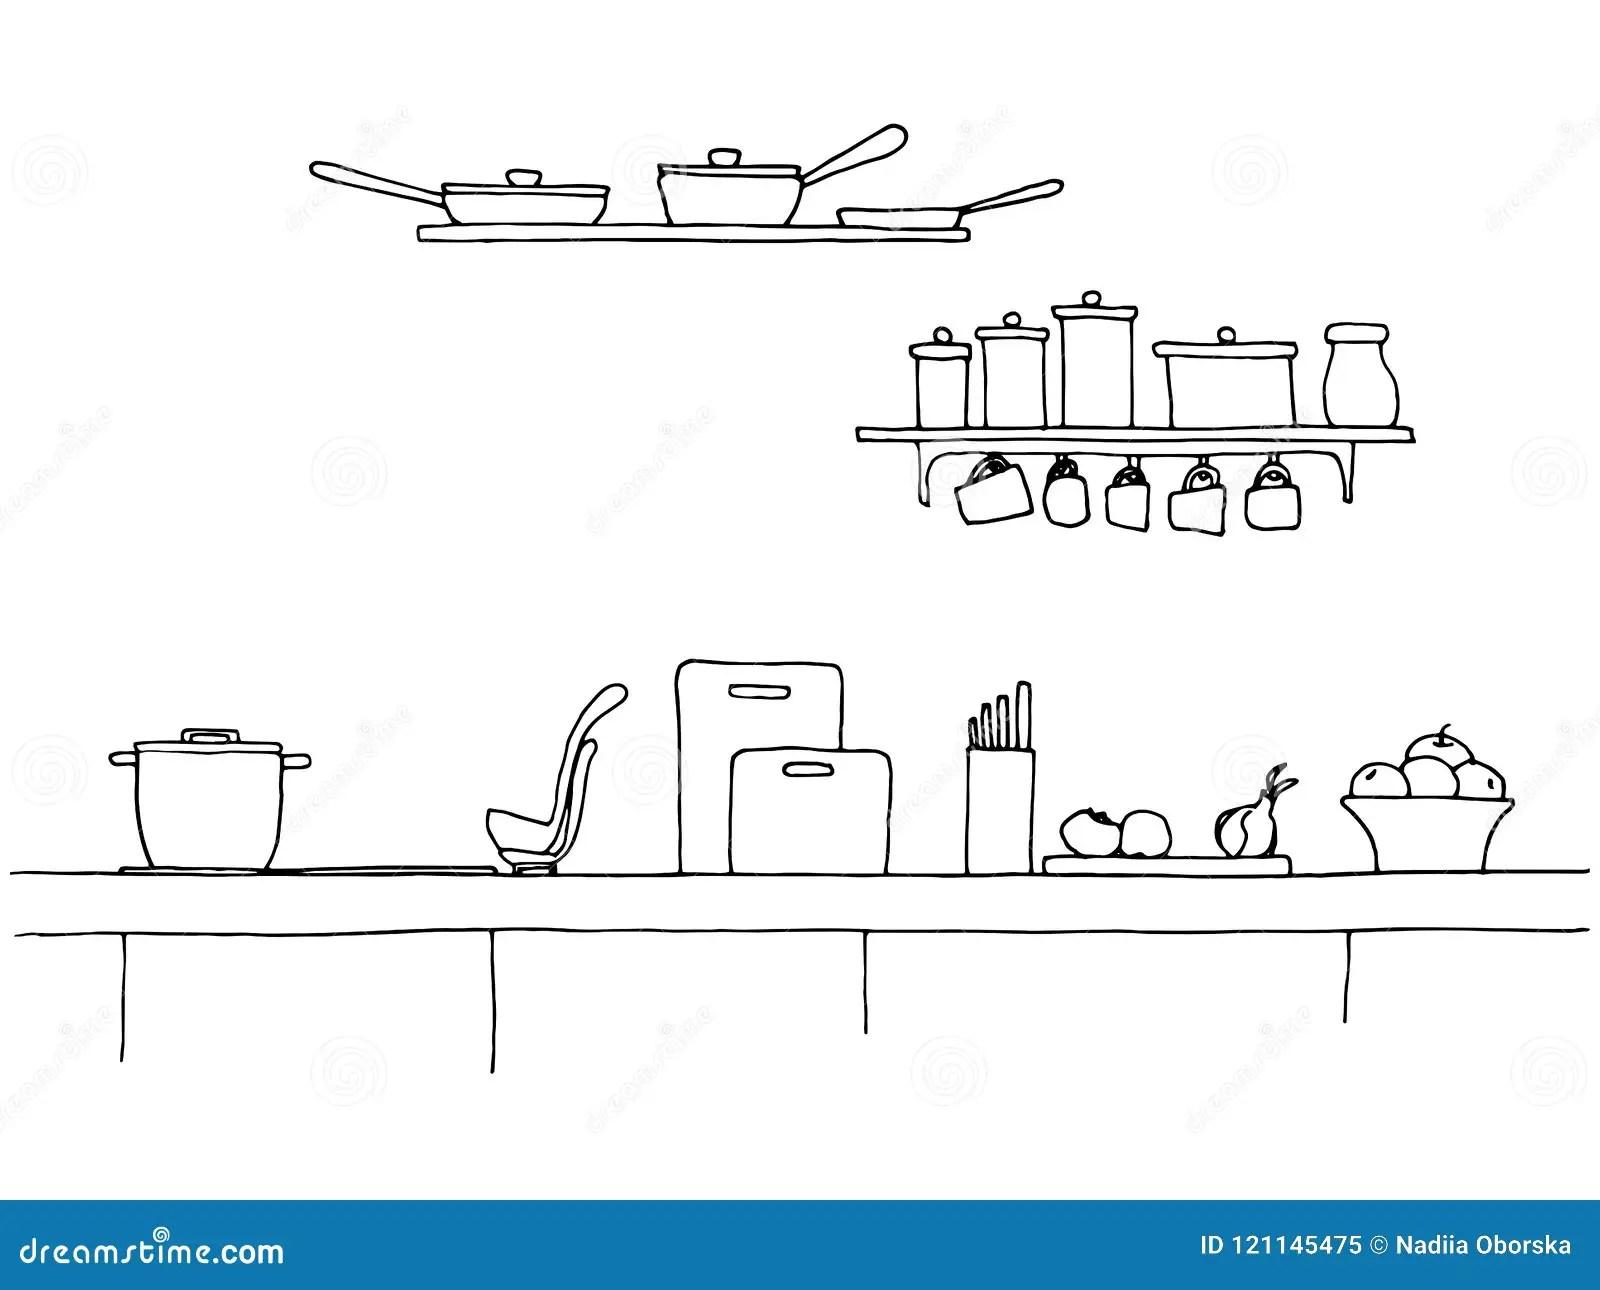 https fr dreamstime com plan travail cuisine dessus tableau illustration vecteur style croquis image121145475